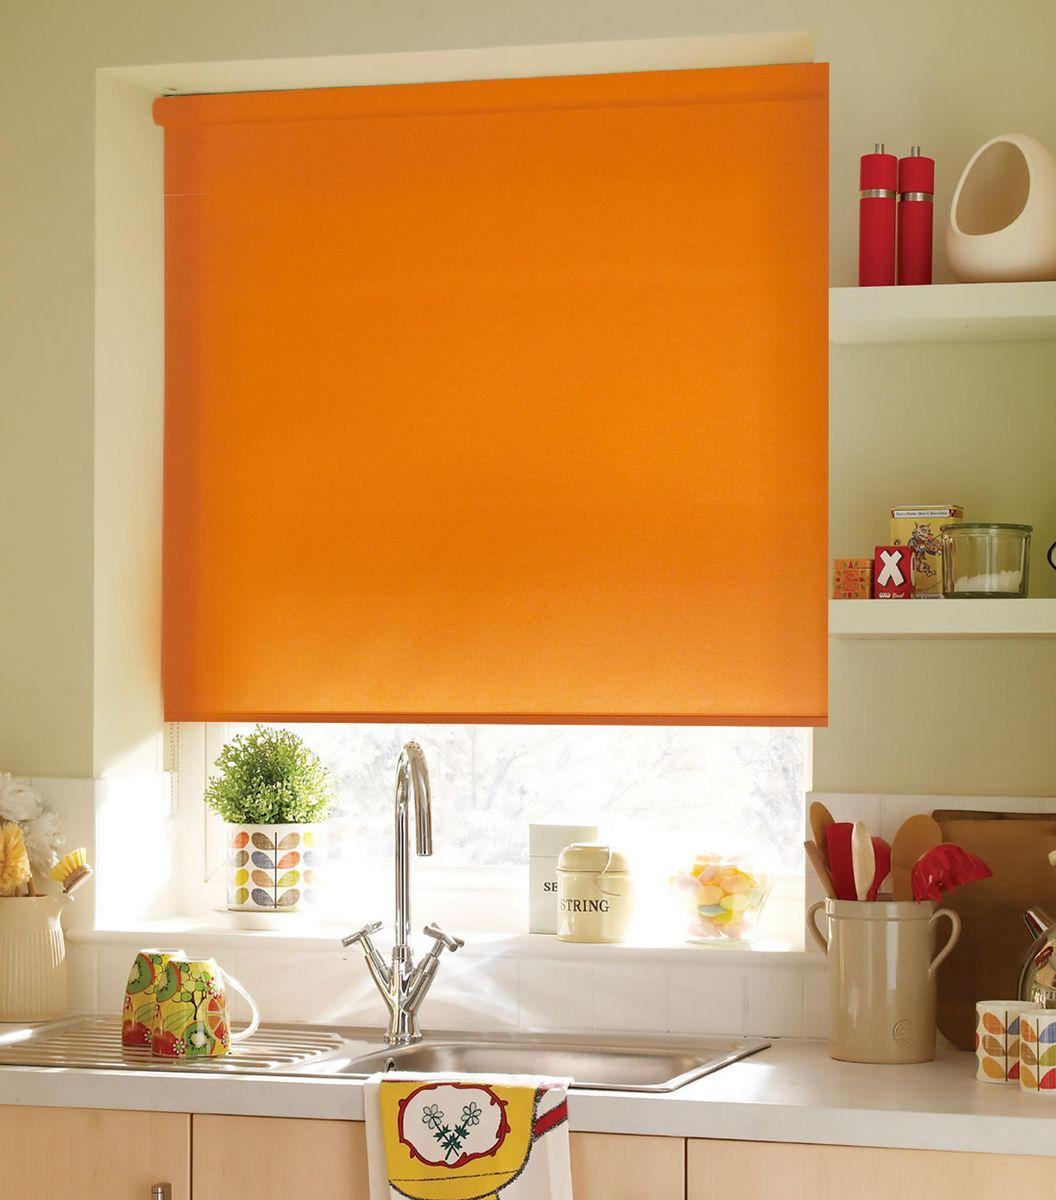 Штора рулонная Эскар, цвет: апельсиновый, ширина 80 см, высота 170 см81203080170Рулонными шторами можно оформлять окна как самостоятельно, так и использовать в комбинации с портьерами. Это поможет предотвратить выгорание дорогой ткани на солнце и соединит функционал рулонных с красотой навесных. Преимущества применения рулонных штор для пластиковых окон: - имеют прекрасный внешний вид: многообразие и фактурность материала изделия отлично смотрятся в любом интерьере; - многофункциональны: есть возможность подобрать шторы способные эффективно защитить комнату от солнца, при этом она не будет слишком темной. - Есть возможность осуществить быстрый монтаж. ВНИМАНИЕ! Размеры ширины изделия указаны по ширине ткани! Во время эксплуатации не рекомендуется полностью разматывать рулон, чтобы не оторвать ткань от намоточного вала. В случае загрязнения поверхности ткани, чистку шторы проводят одним из способов, в зависимости от типа загрязнения: легкое поверхностное загрязнение можно удалить при помощи канцелярского ластика; чистка от пыли производится сухим методом при...